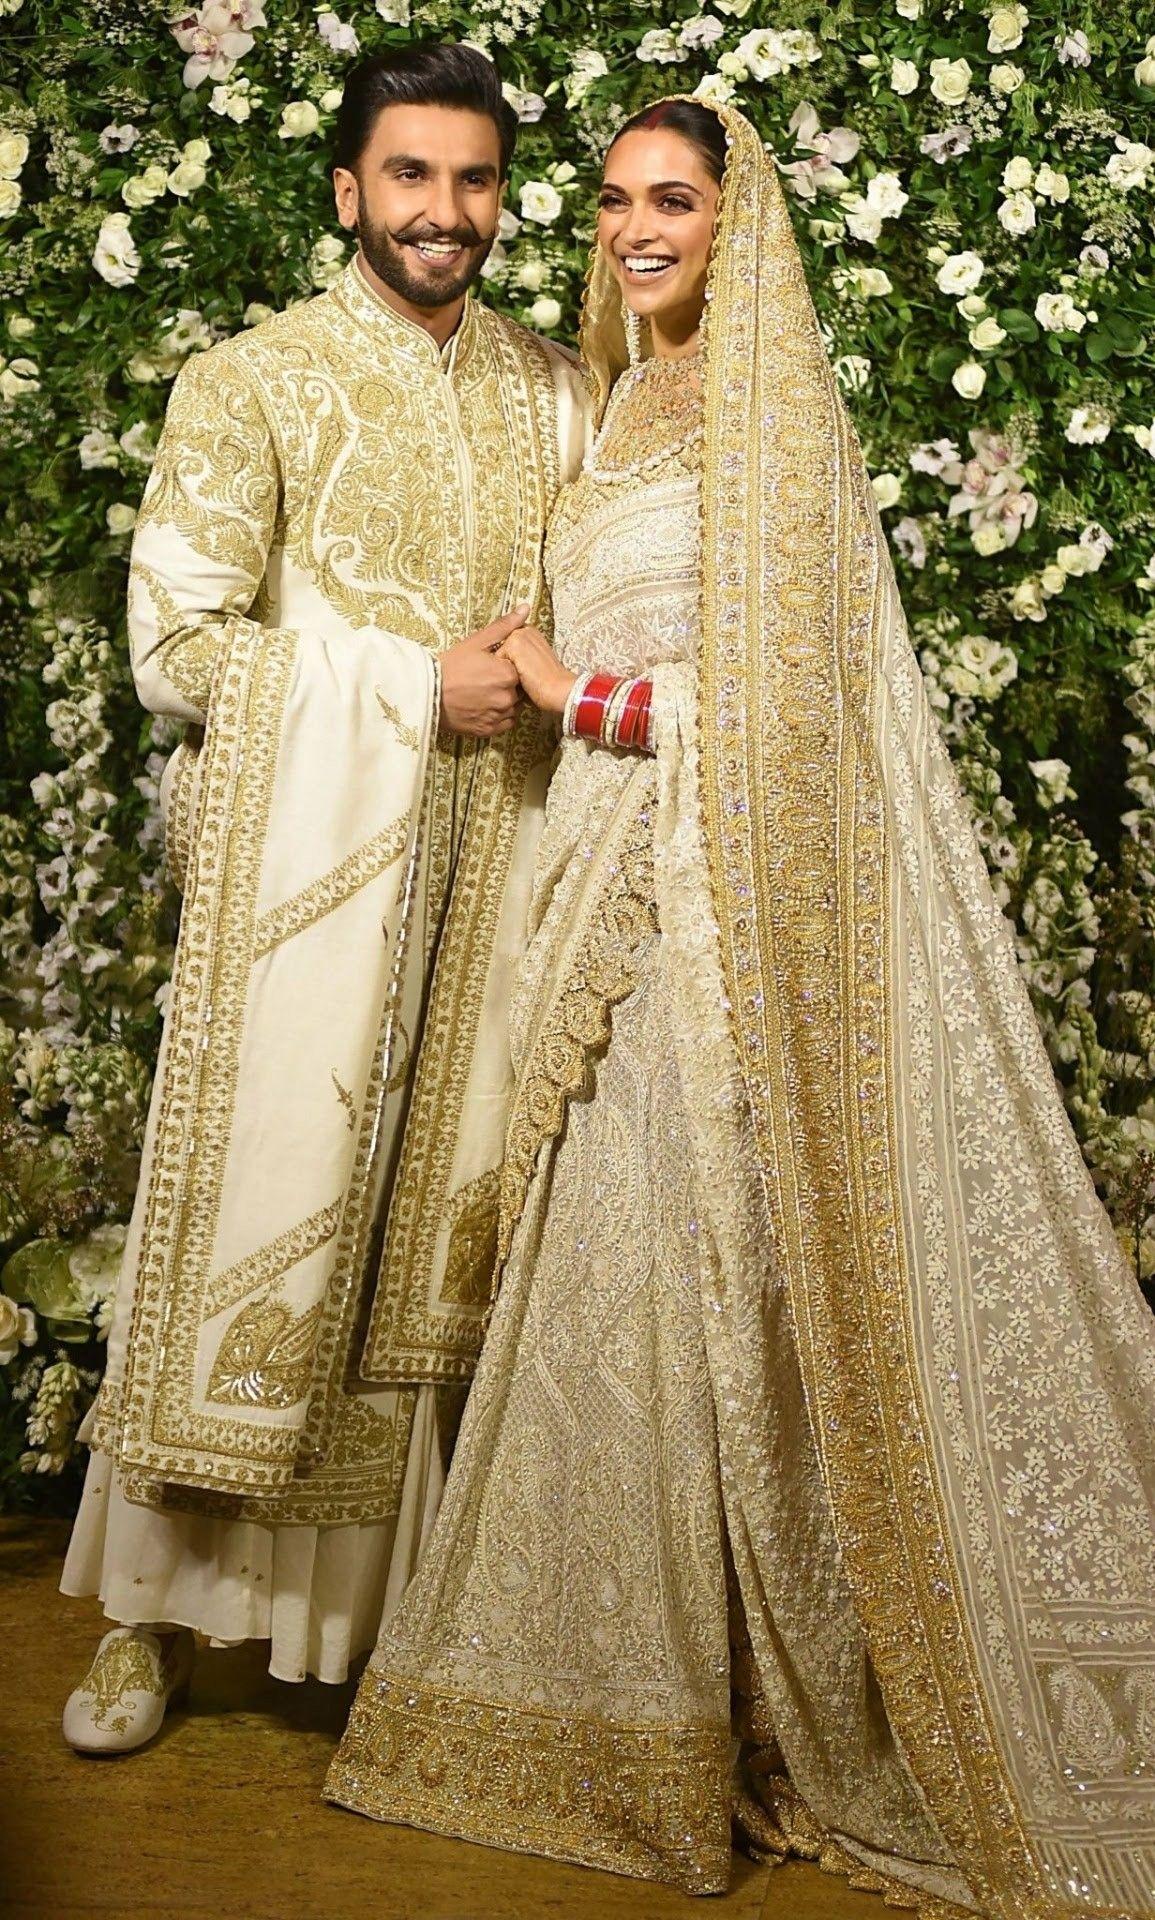 Deepika Padukone Ranveer Singh Deepika Padukone Dresses Wedding Dresses Men Indian Wedding Outfit